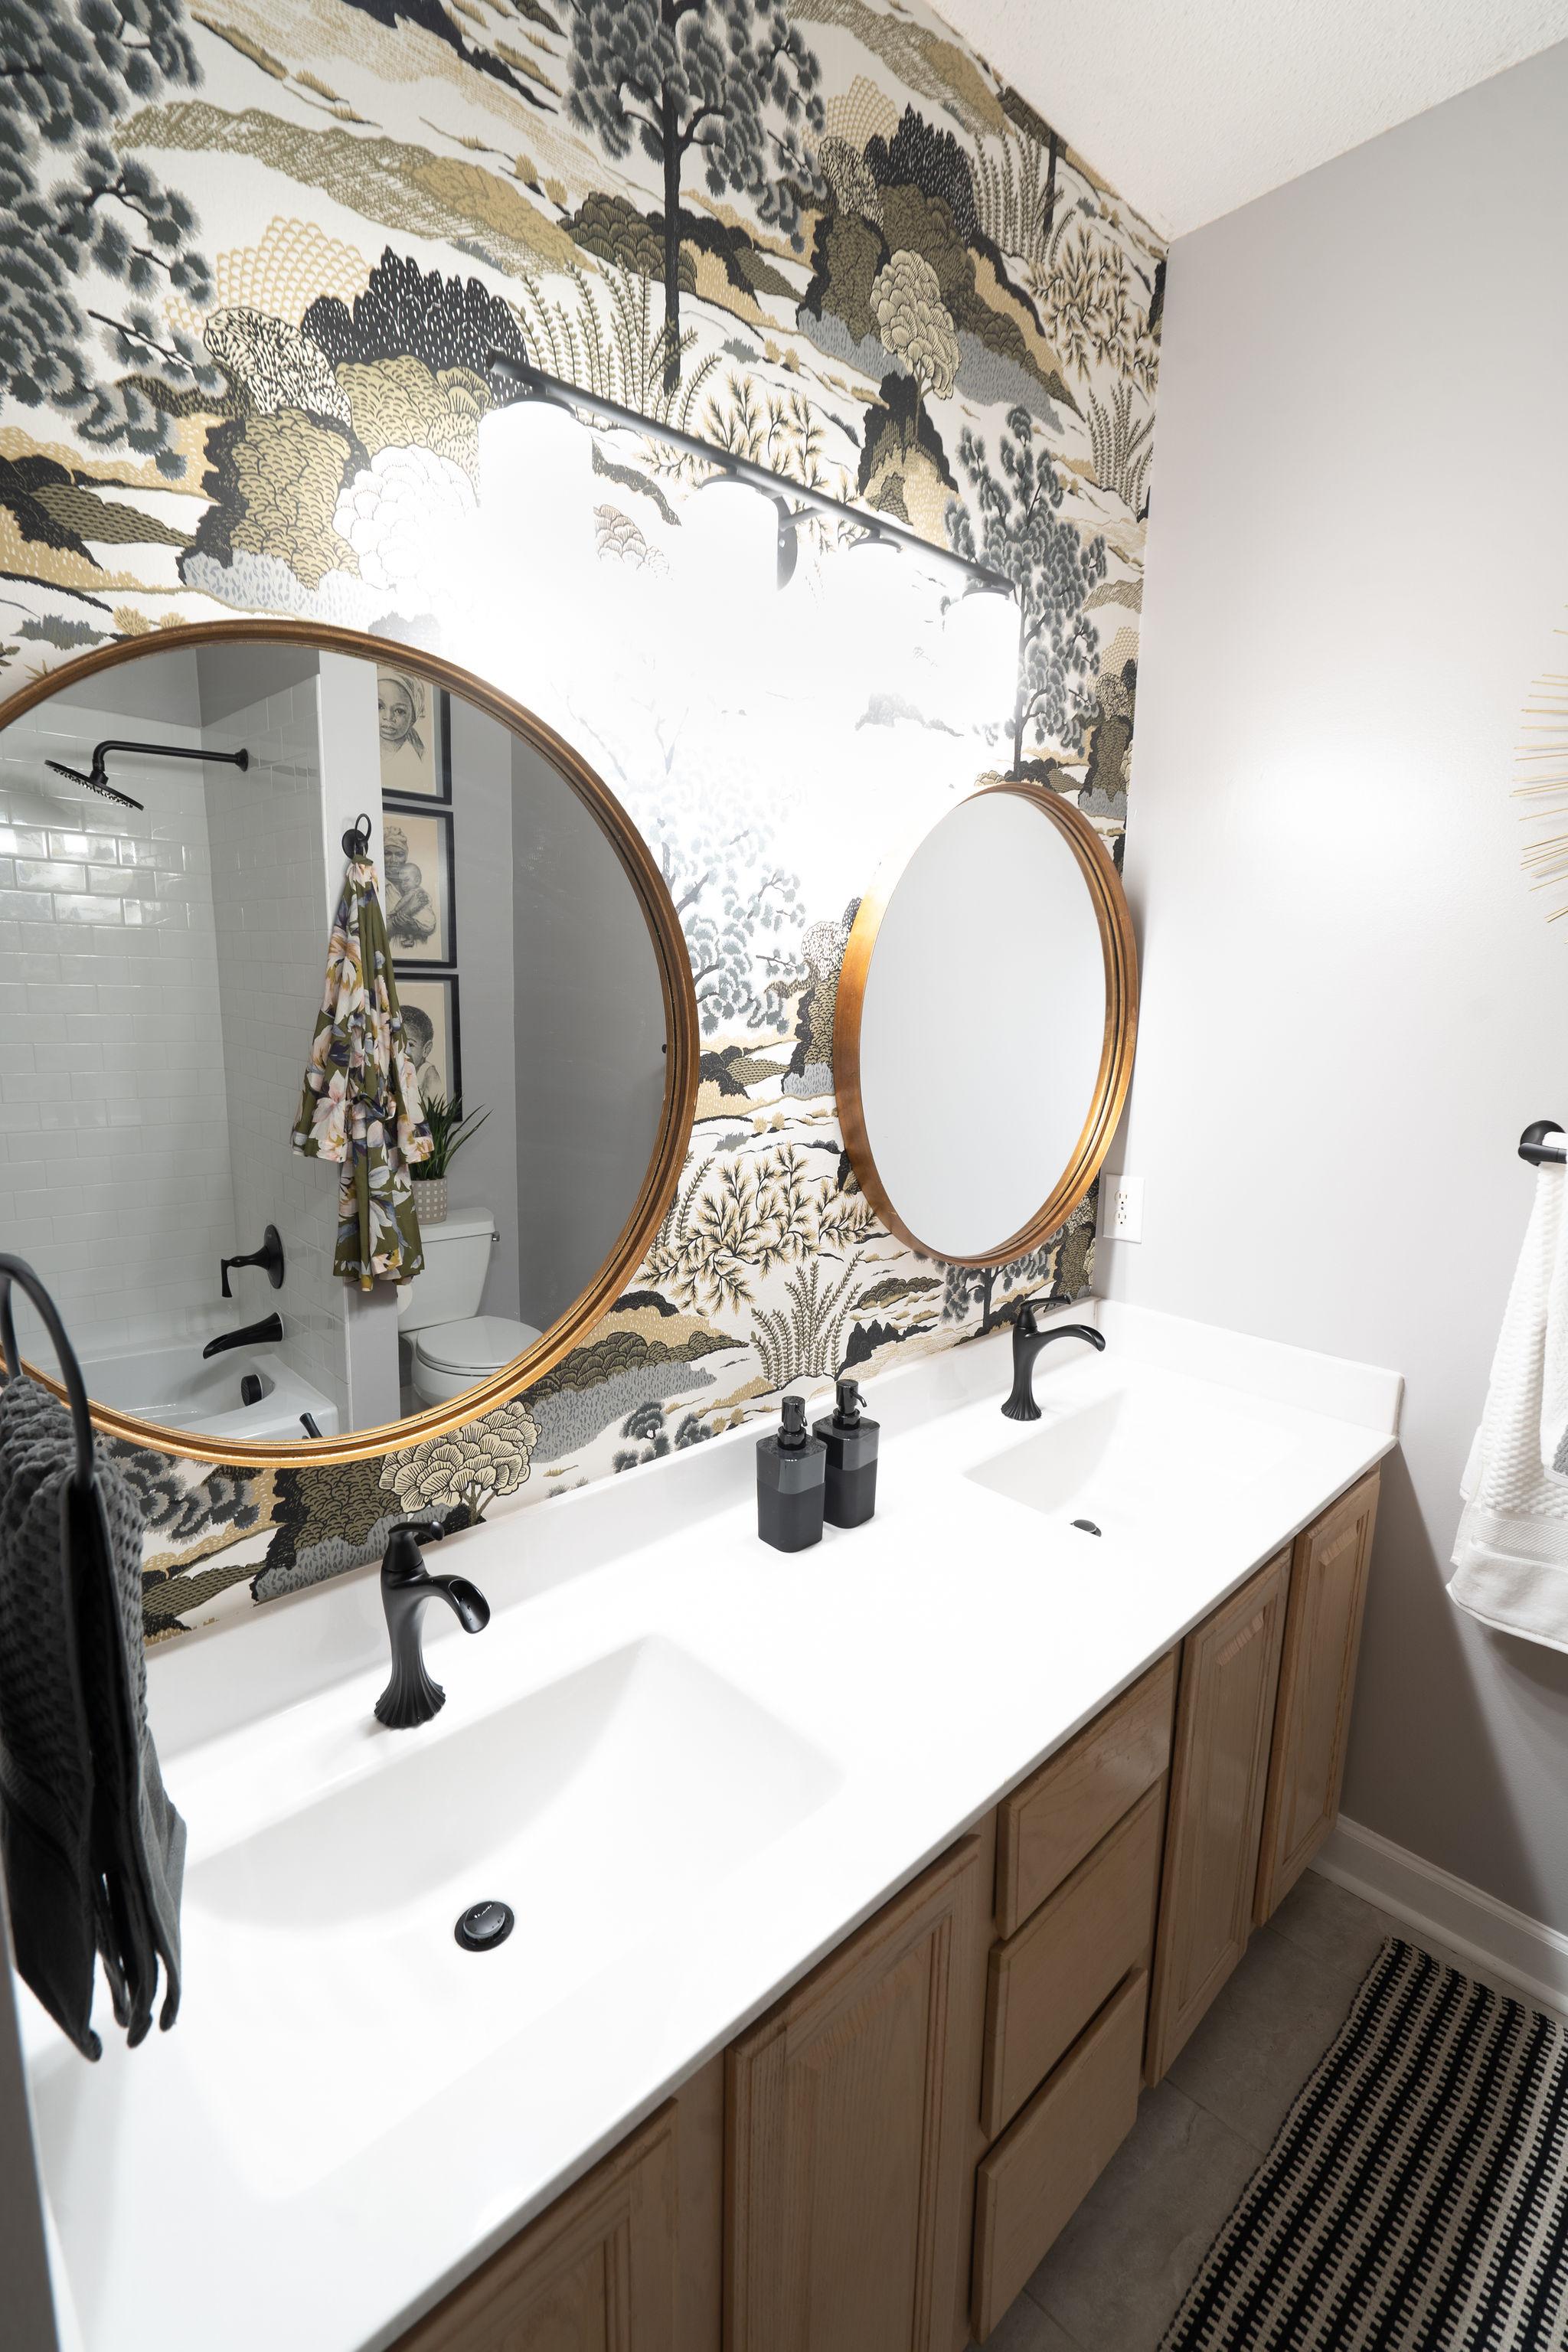 Niki McNeill Raleigh NC Interior Designer SingleBubblePop Design Studio Bathroom Renovation Remodel Refresh Pfister faucets13.jpg